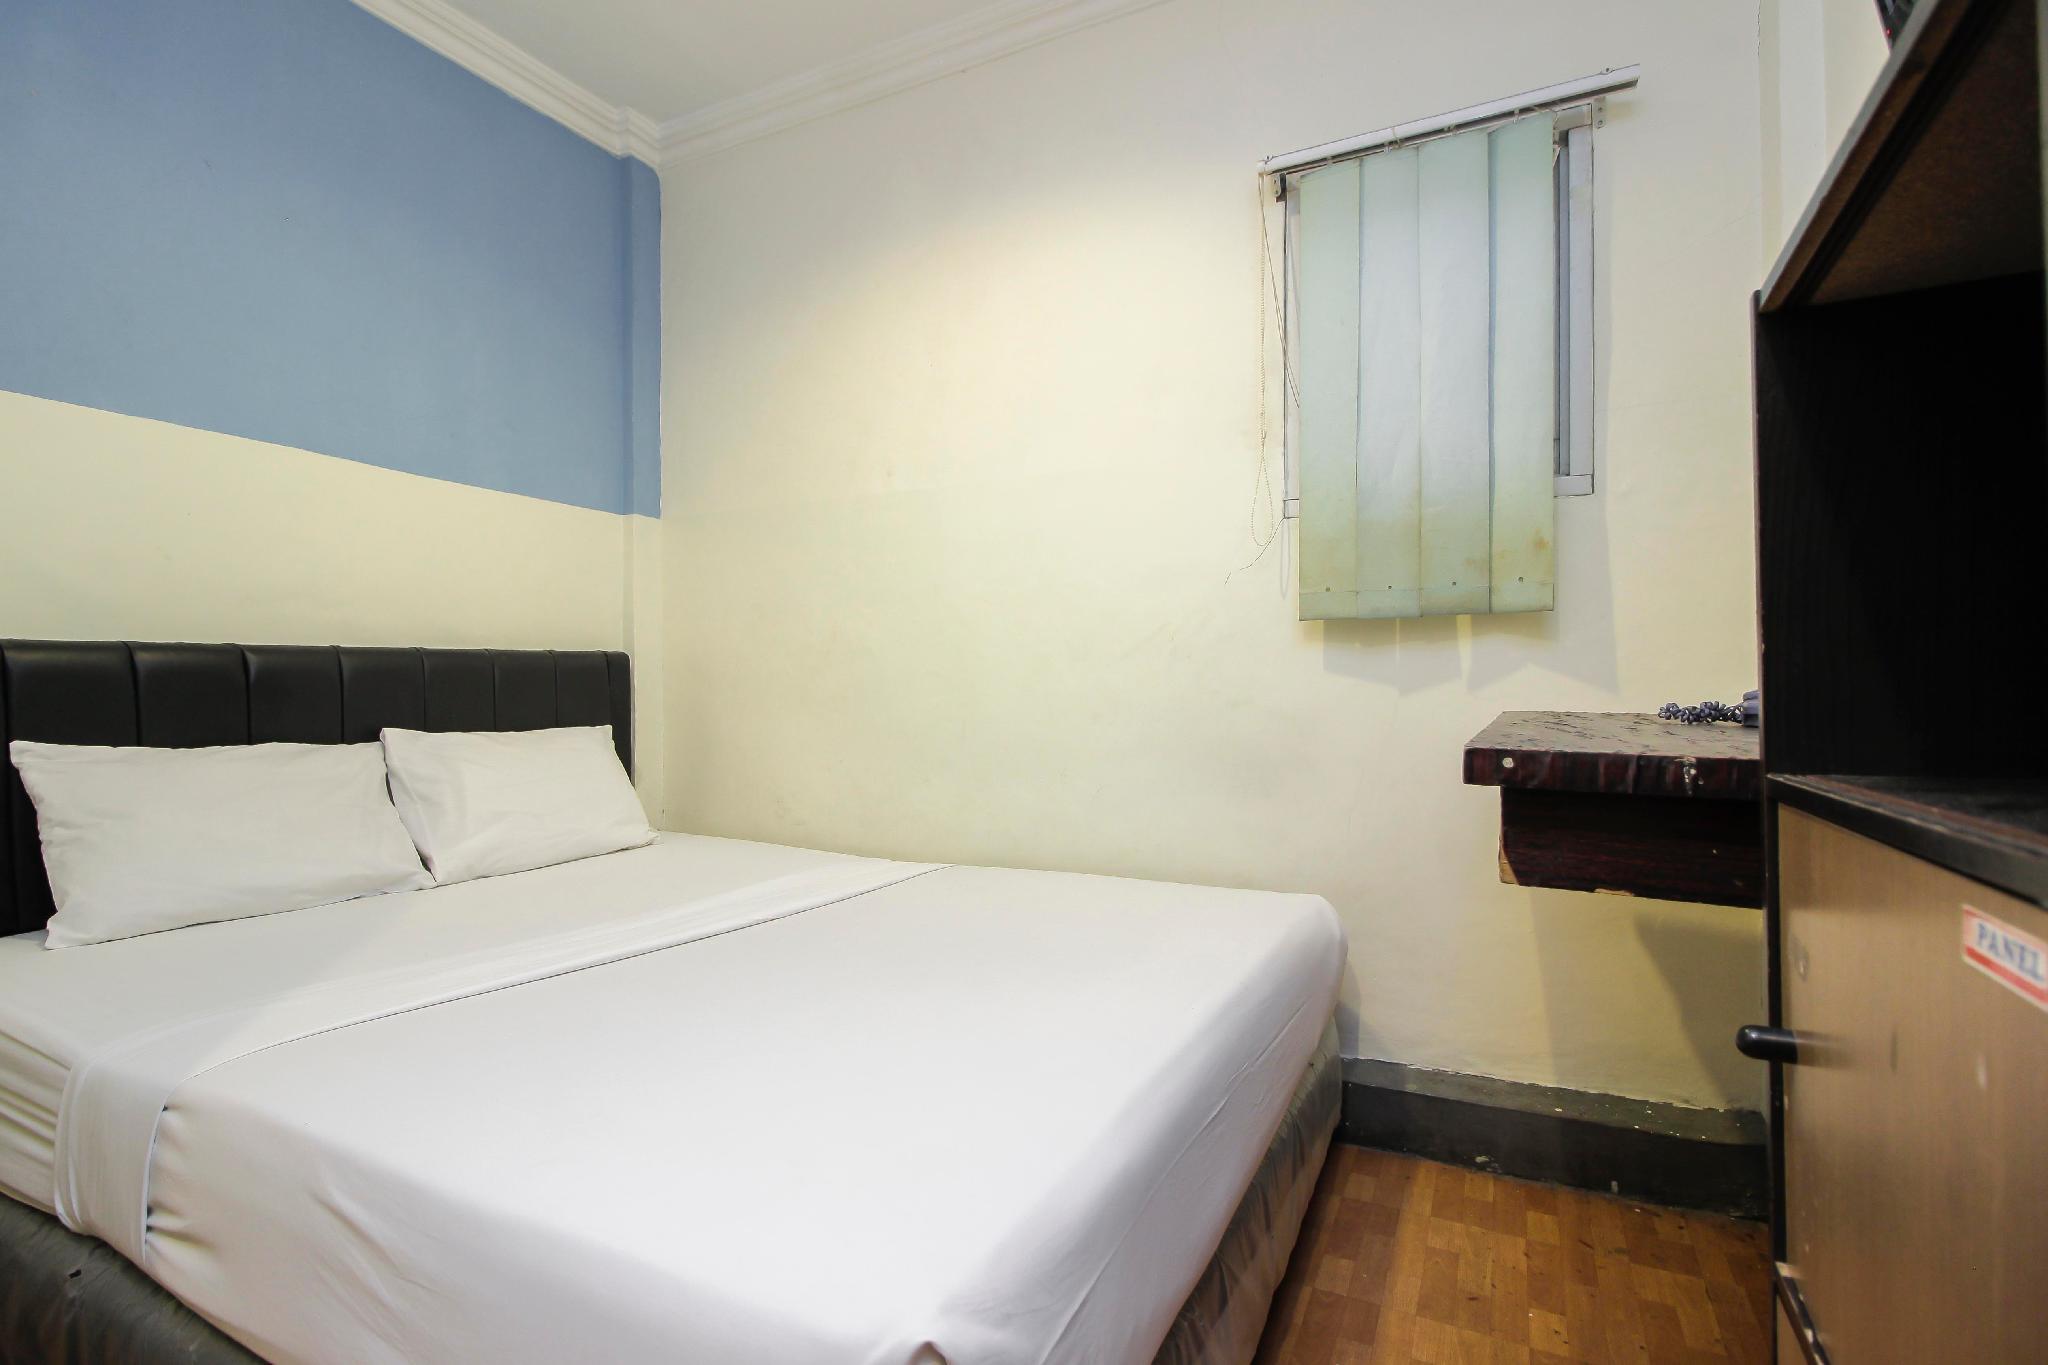 Divina Hotel, Manado